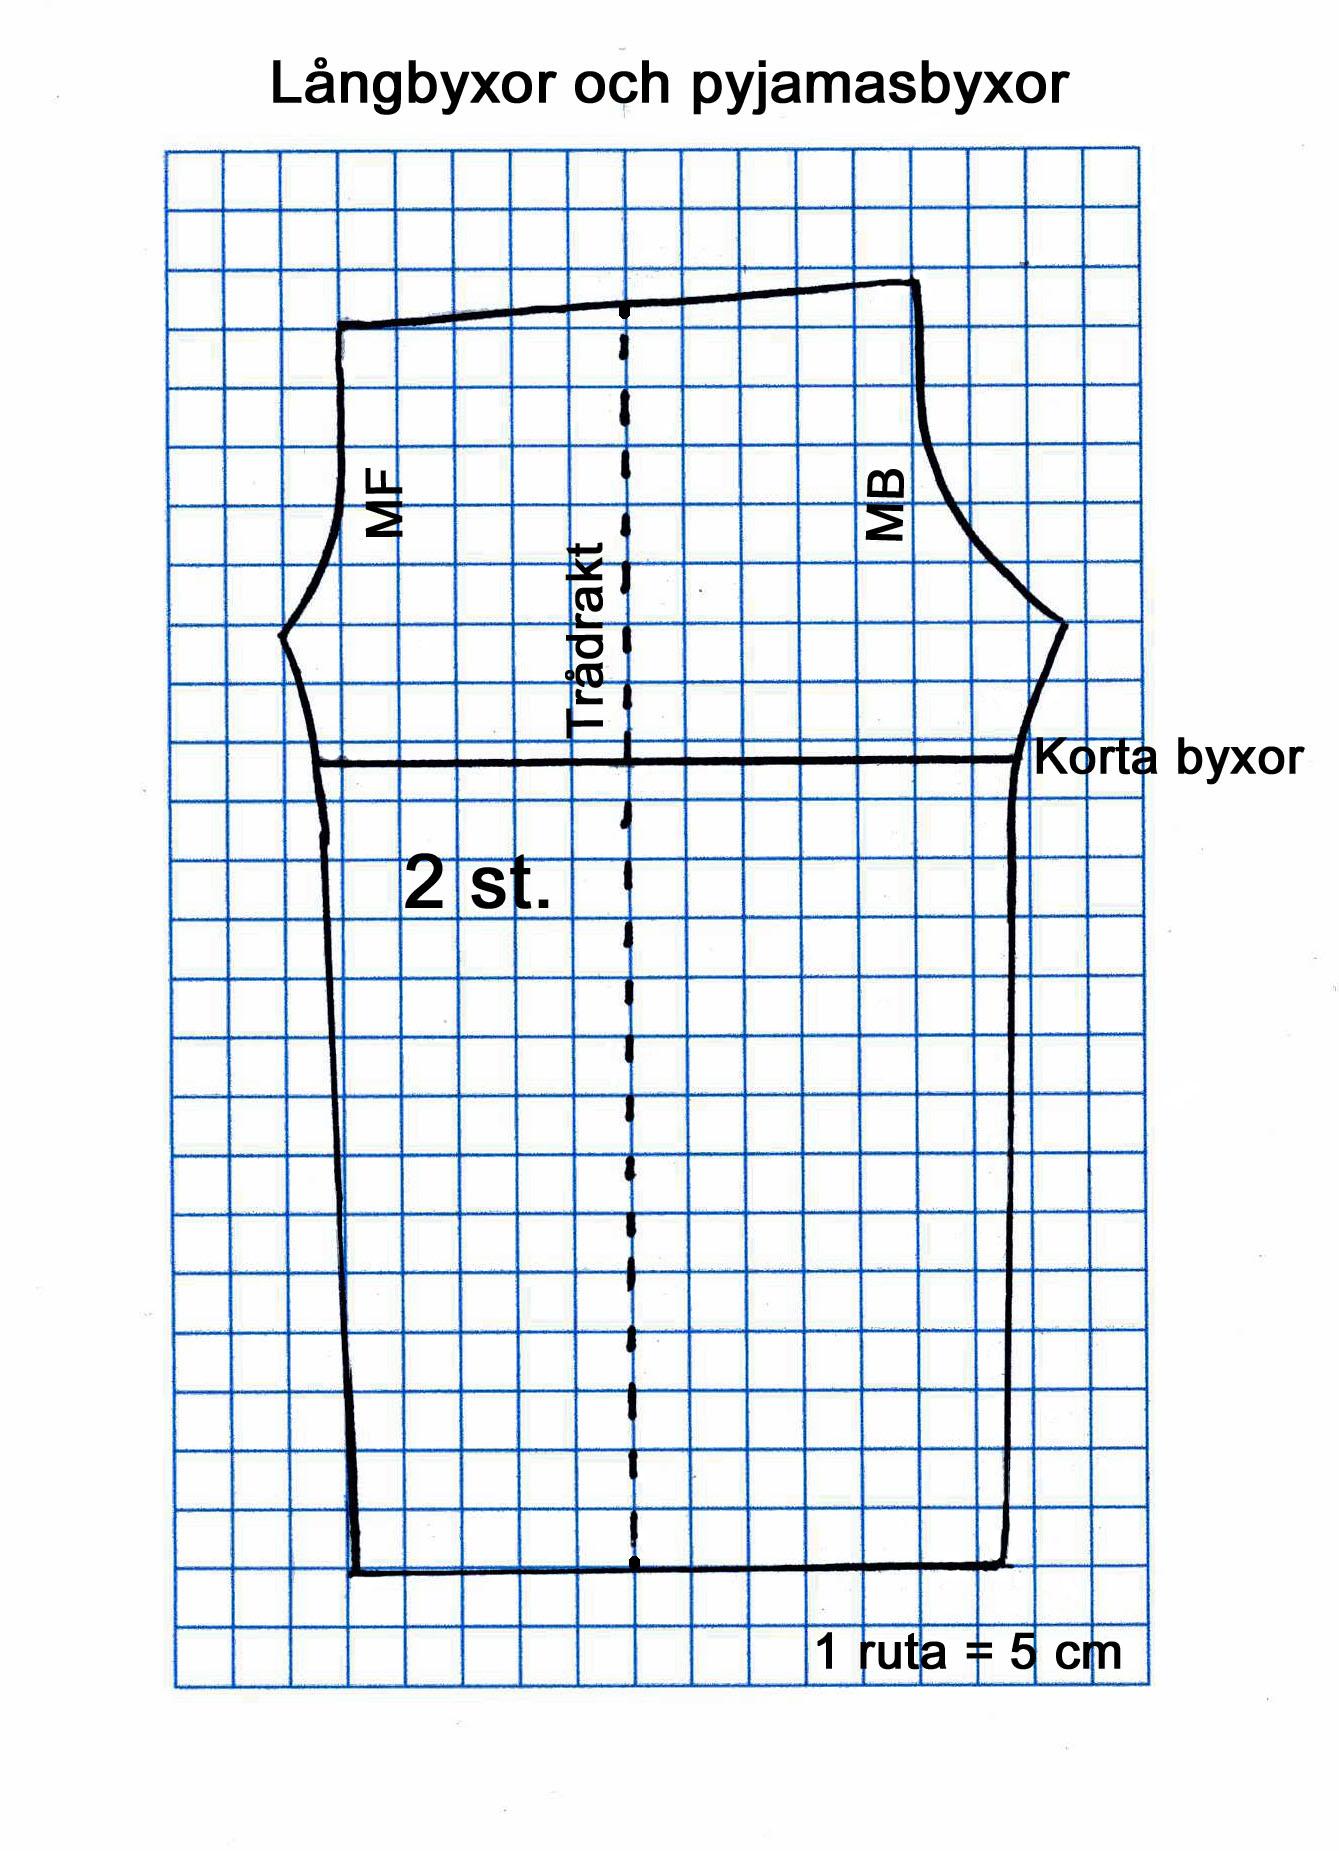 09fb134b627d Långbyxor och pyjamasbyxor för dam och herr | Textil och tips